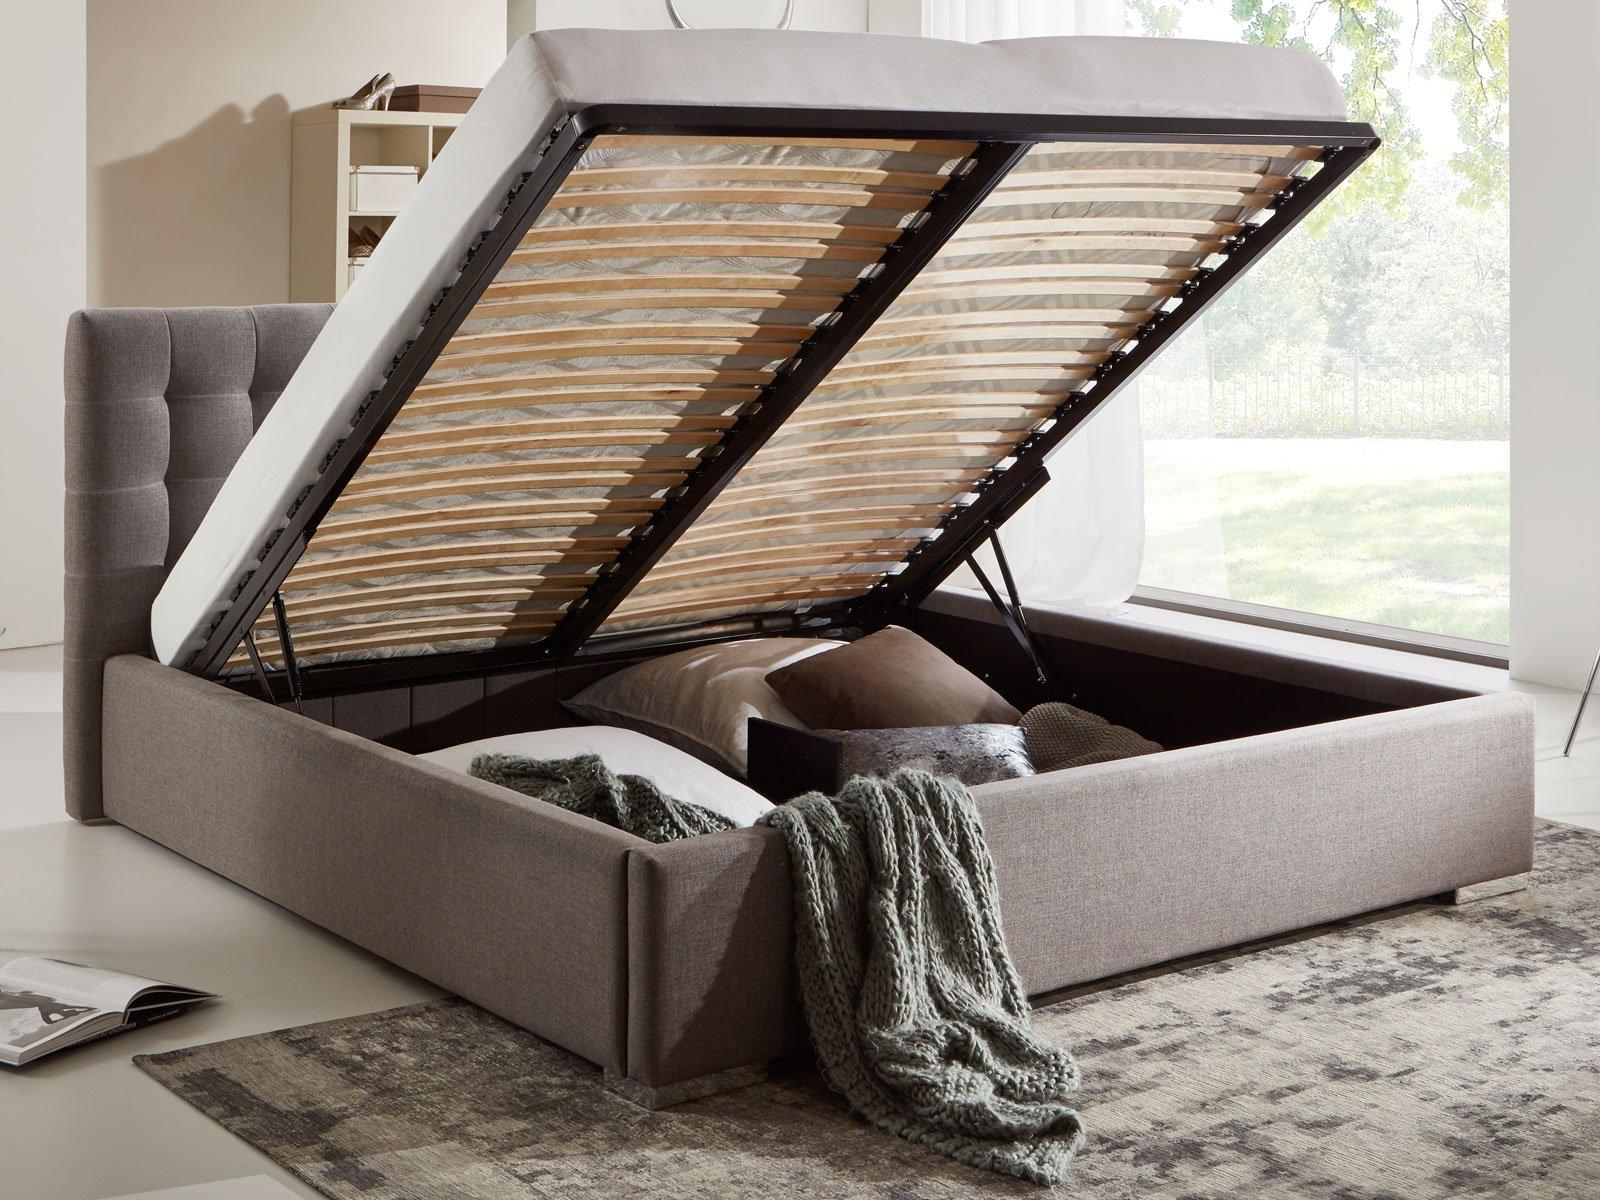 Polsterbett Doppelbett Stoff Samt Blau 160x200 Schlafzimmer ...